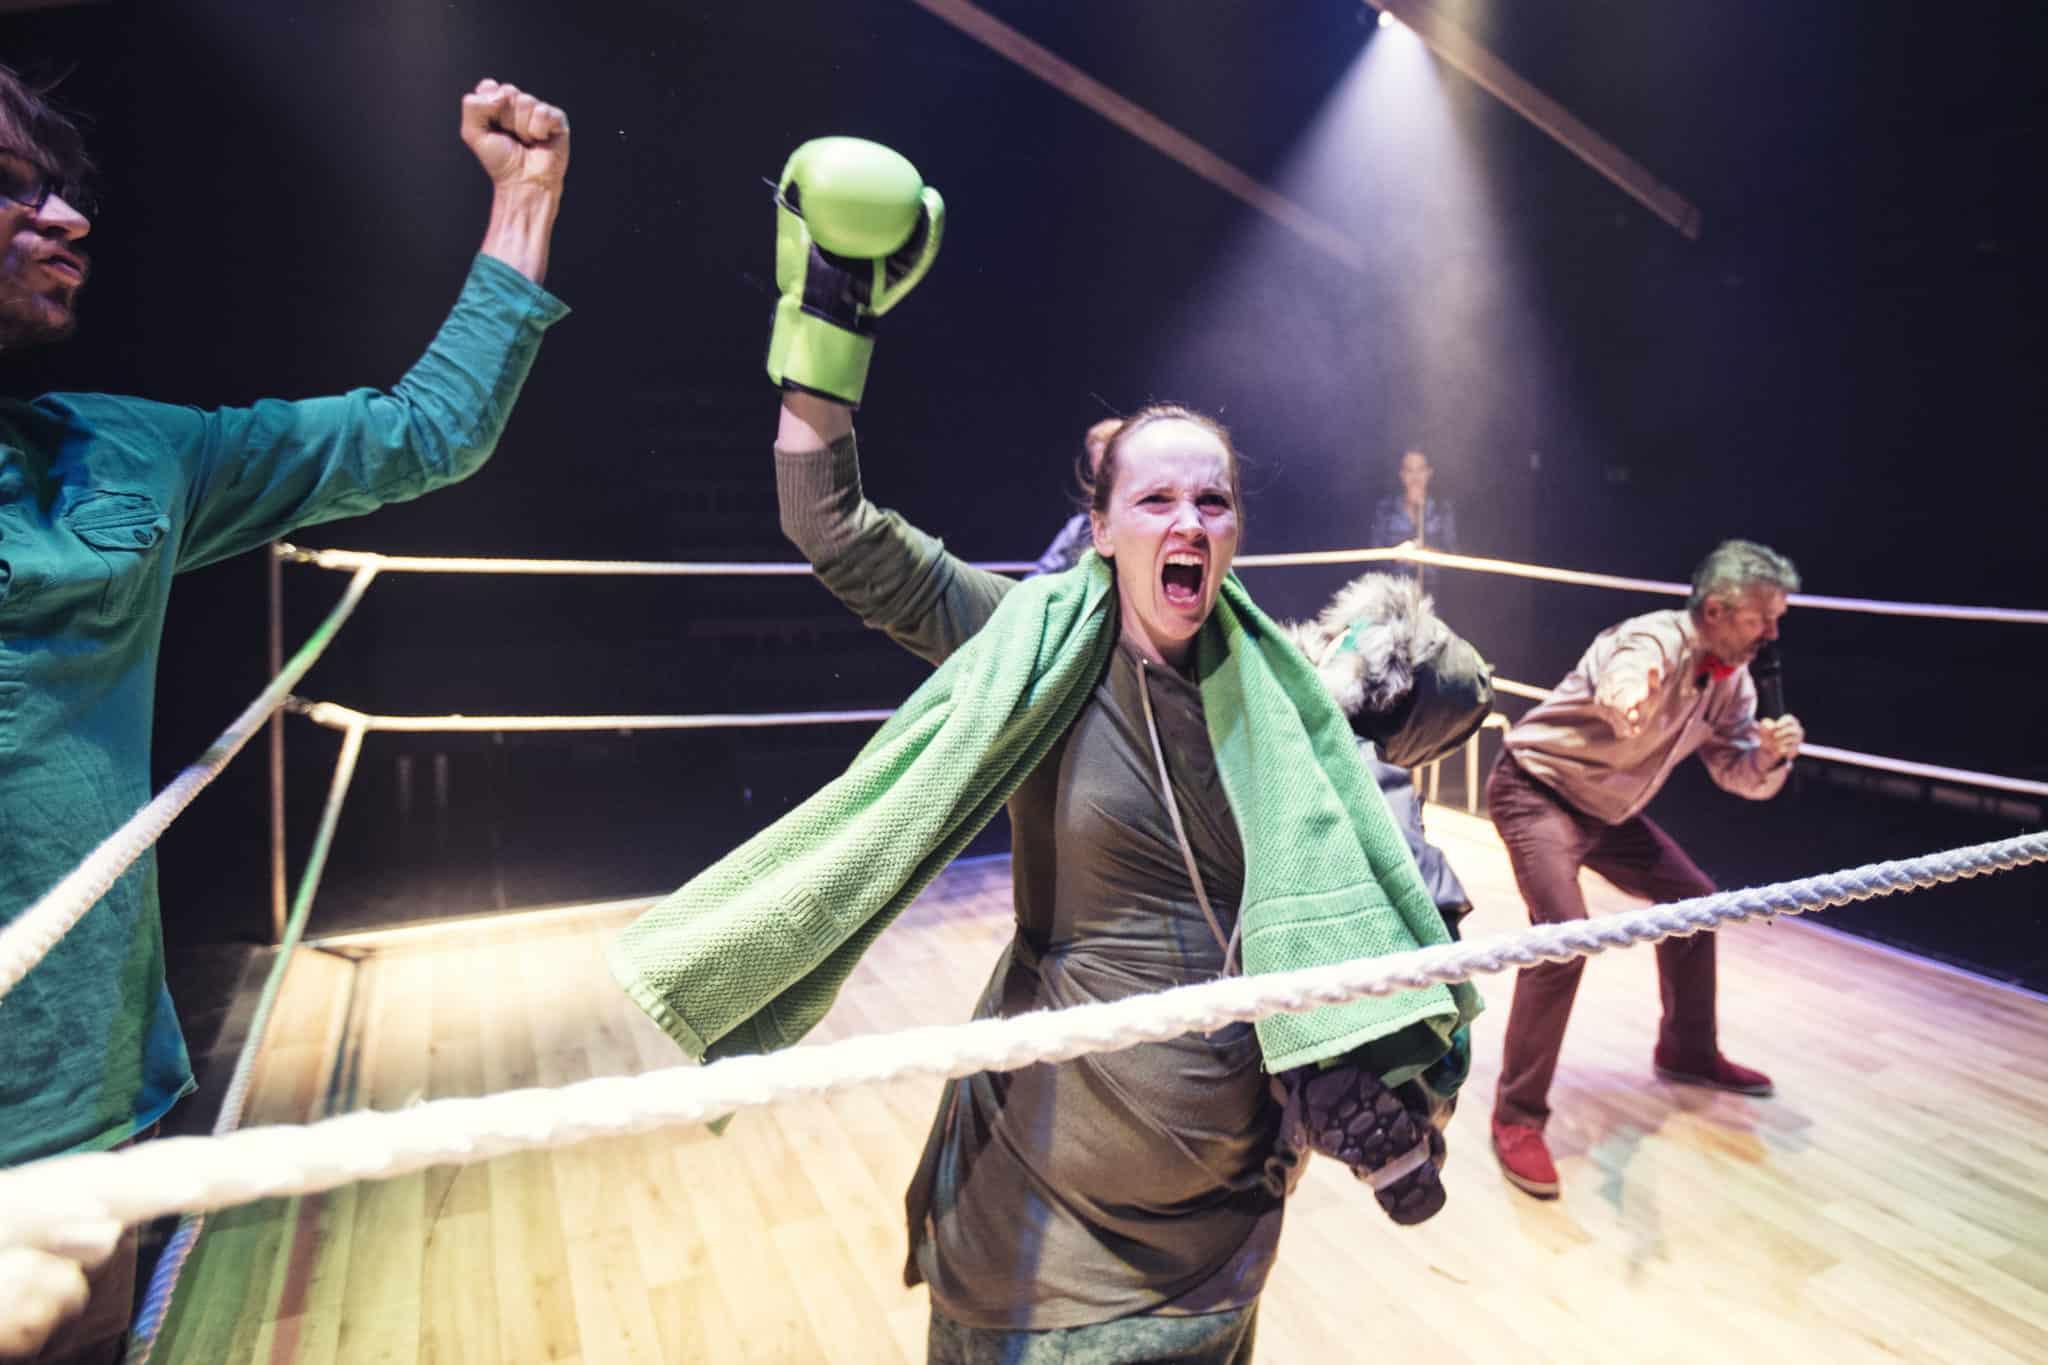 Sammenstød mellem generationer i komedie på Vordingborg Teater 18. april